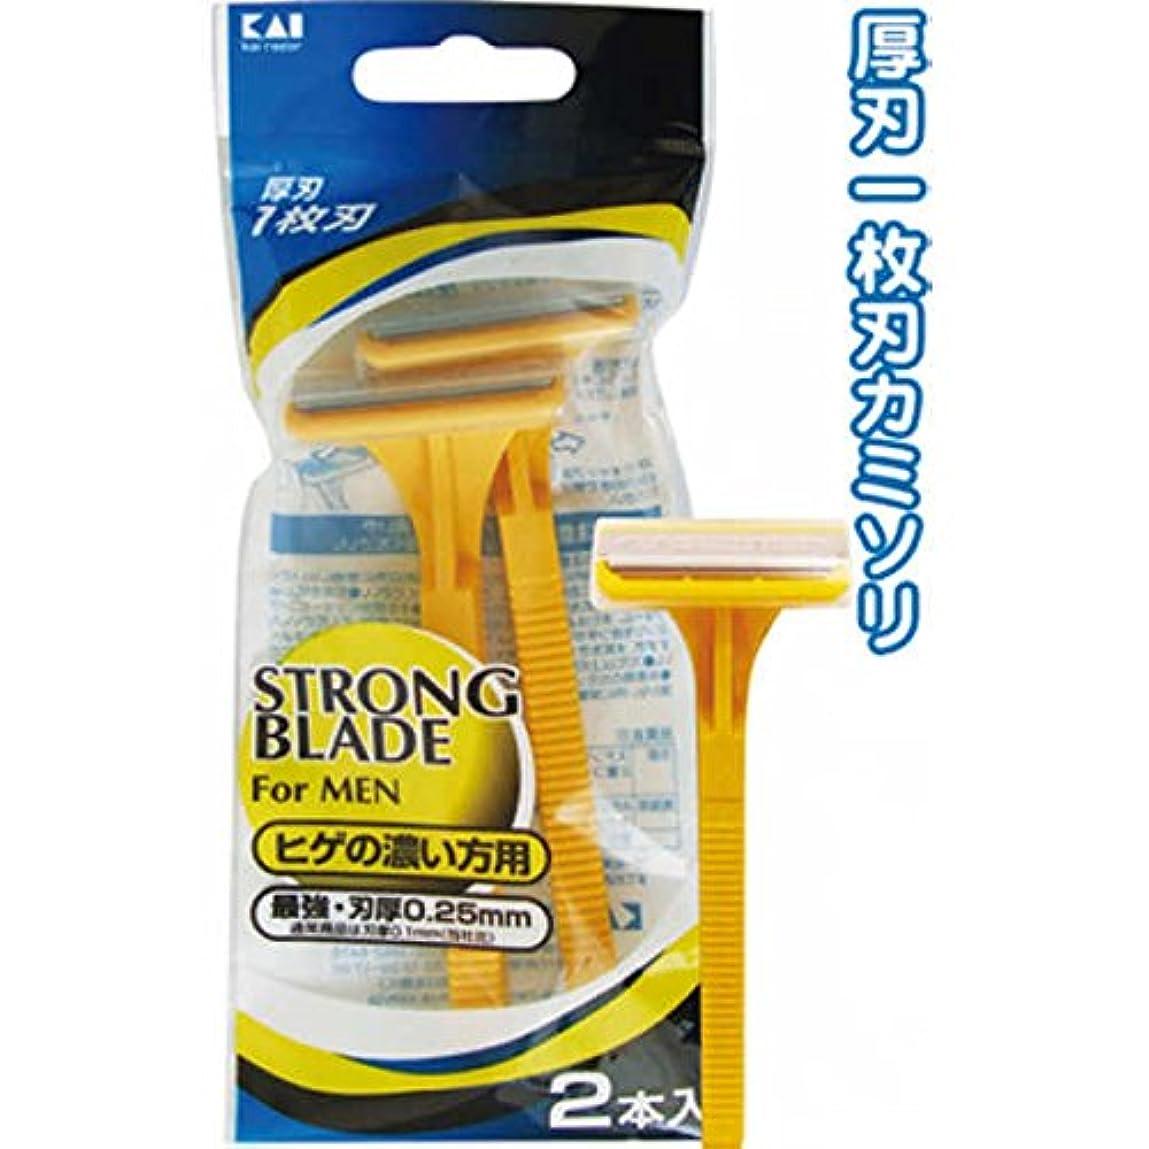 リボン熟達真空貝印 最強厚刃カミソリ2本入 012524 【まとめ買い10個セット】 21-061